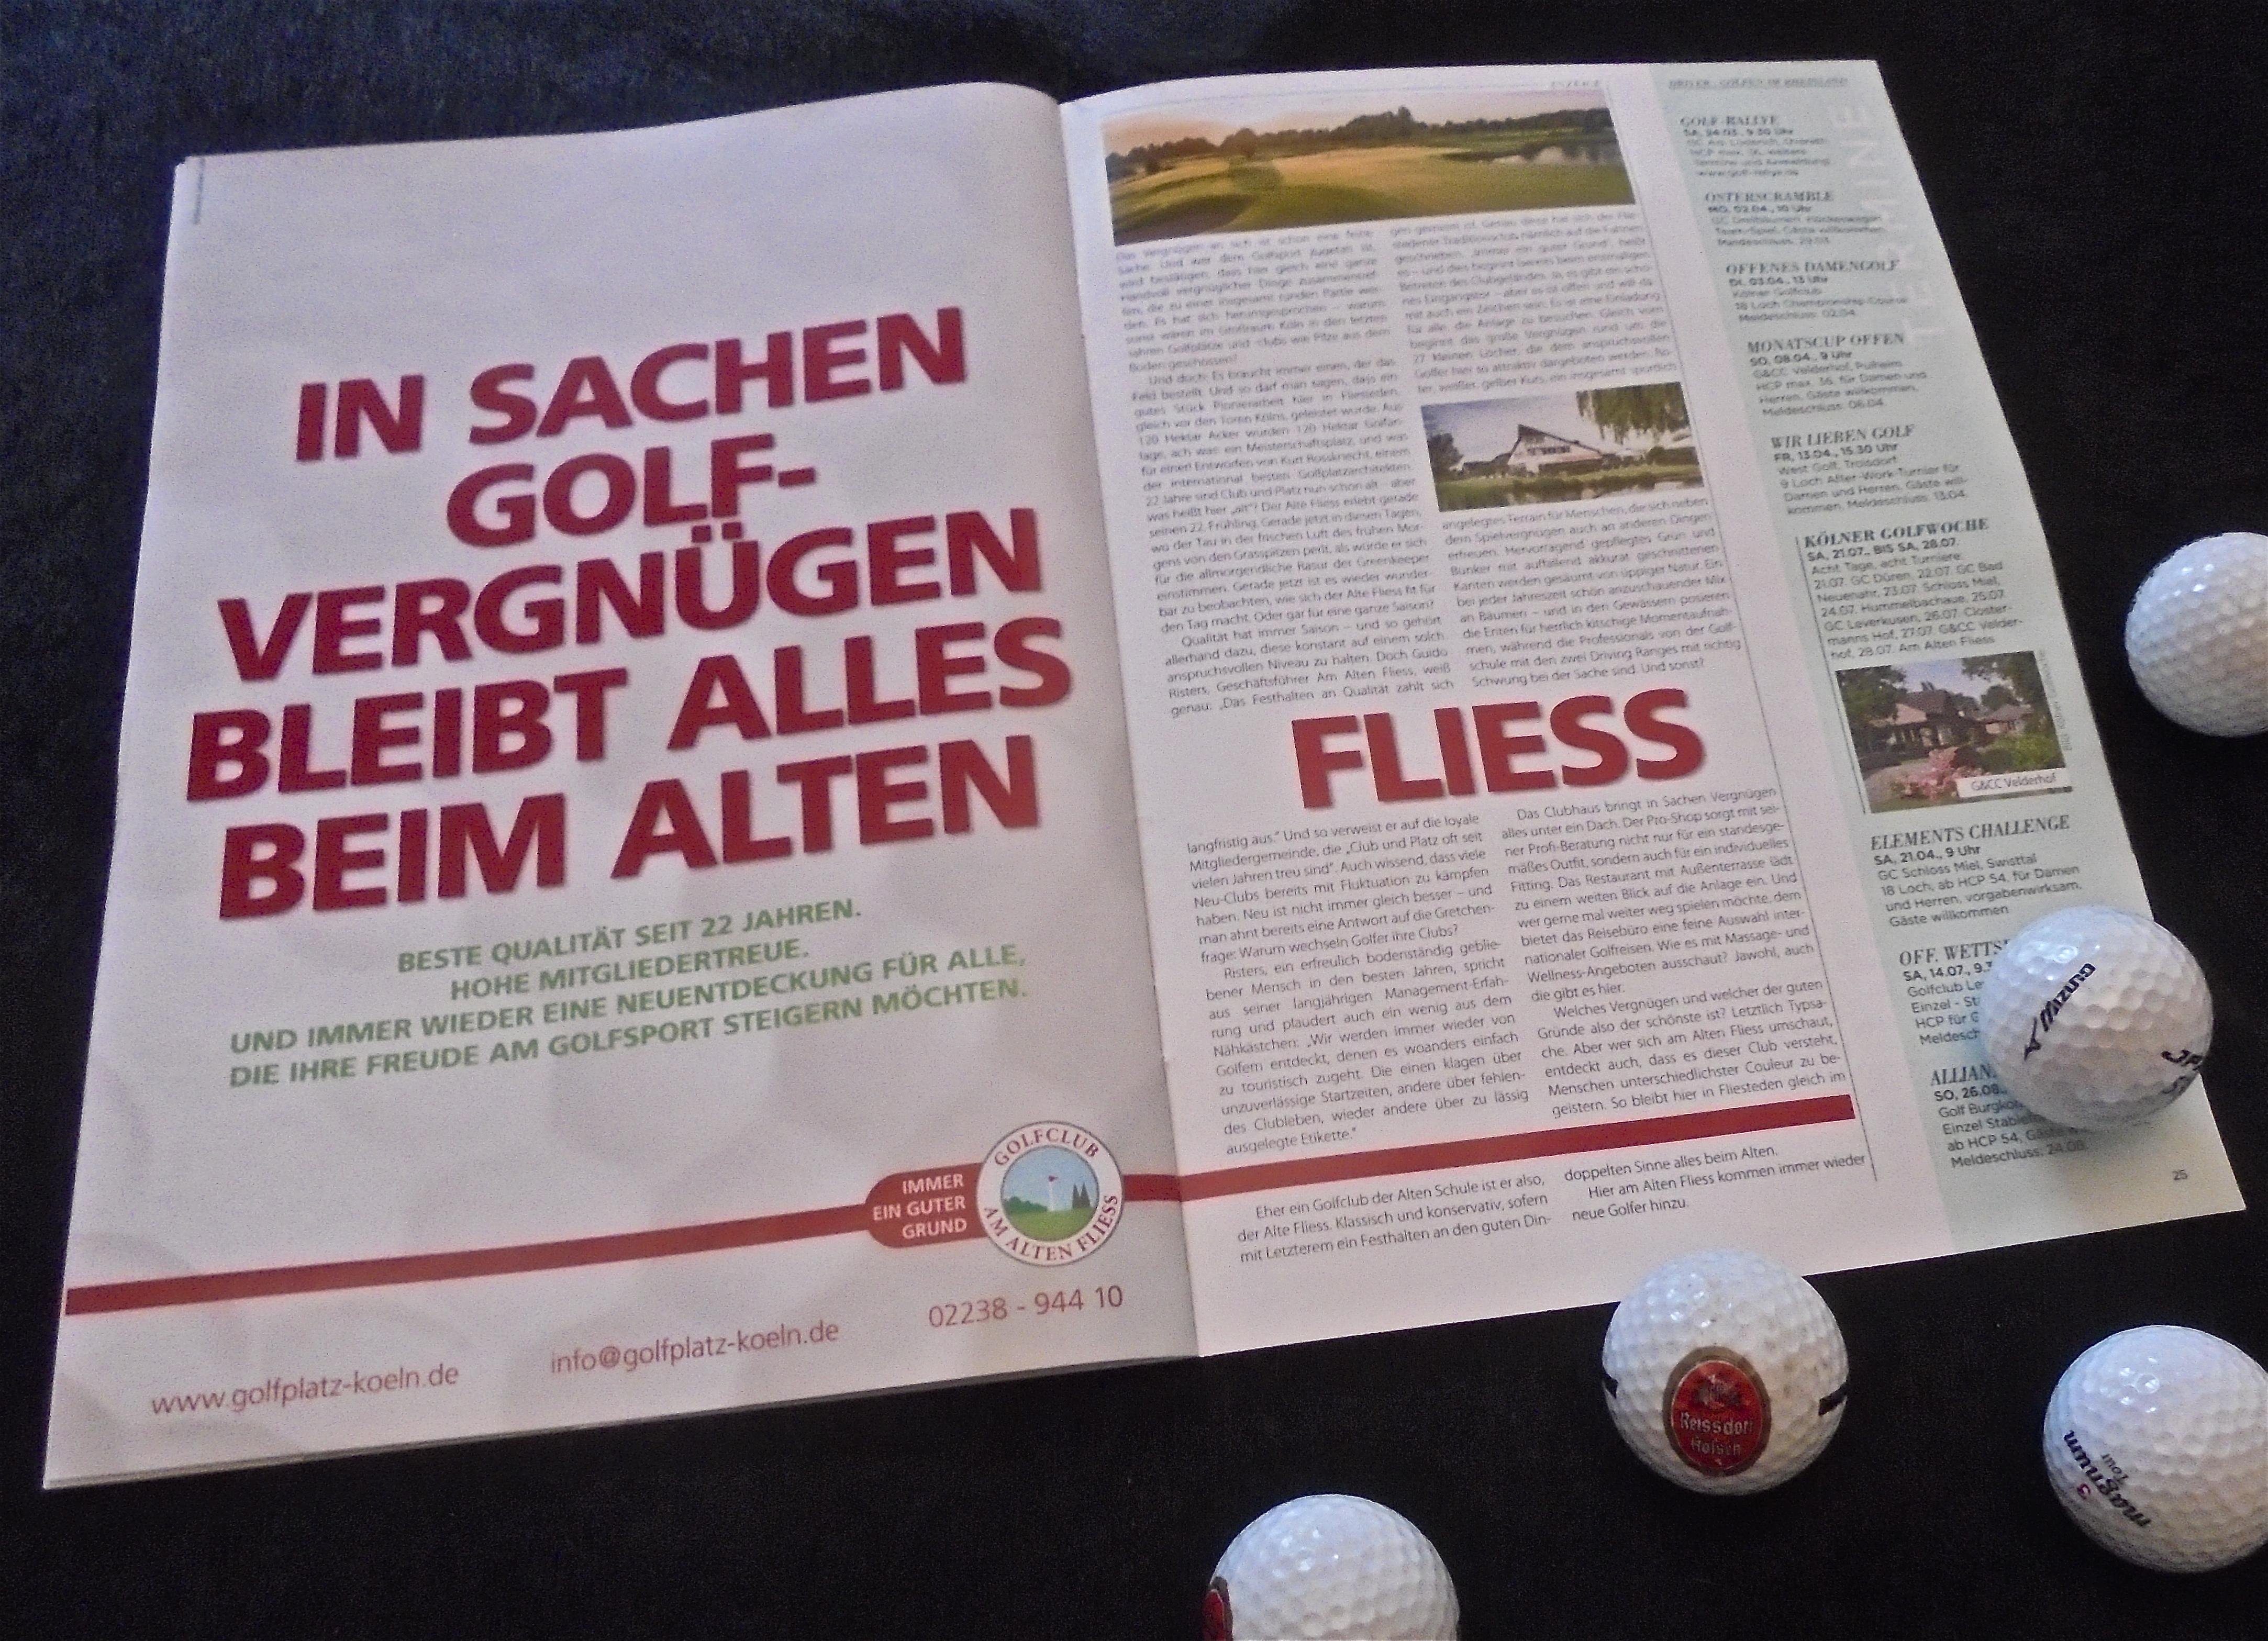 in der heute in den grossen kolner tageszeitungen beigelegten sonderveroffentlichung driver golfen im rheinland sticht die prasentation des golfclub am